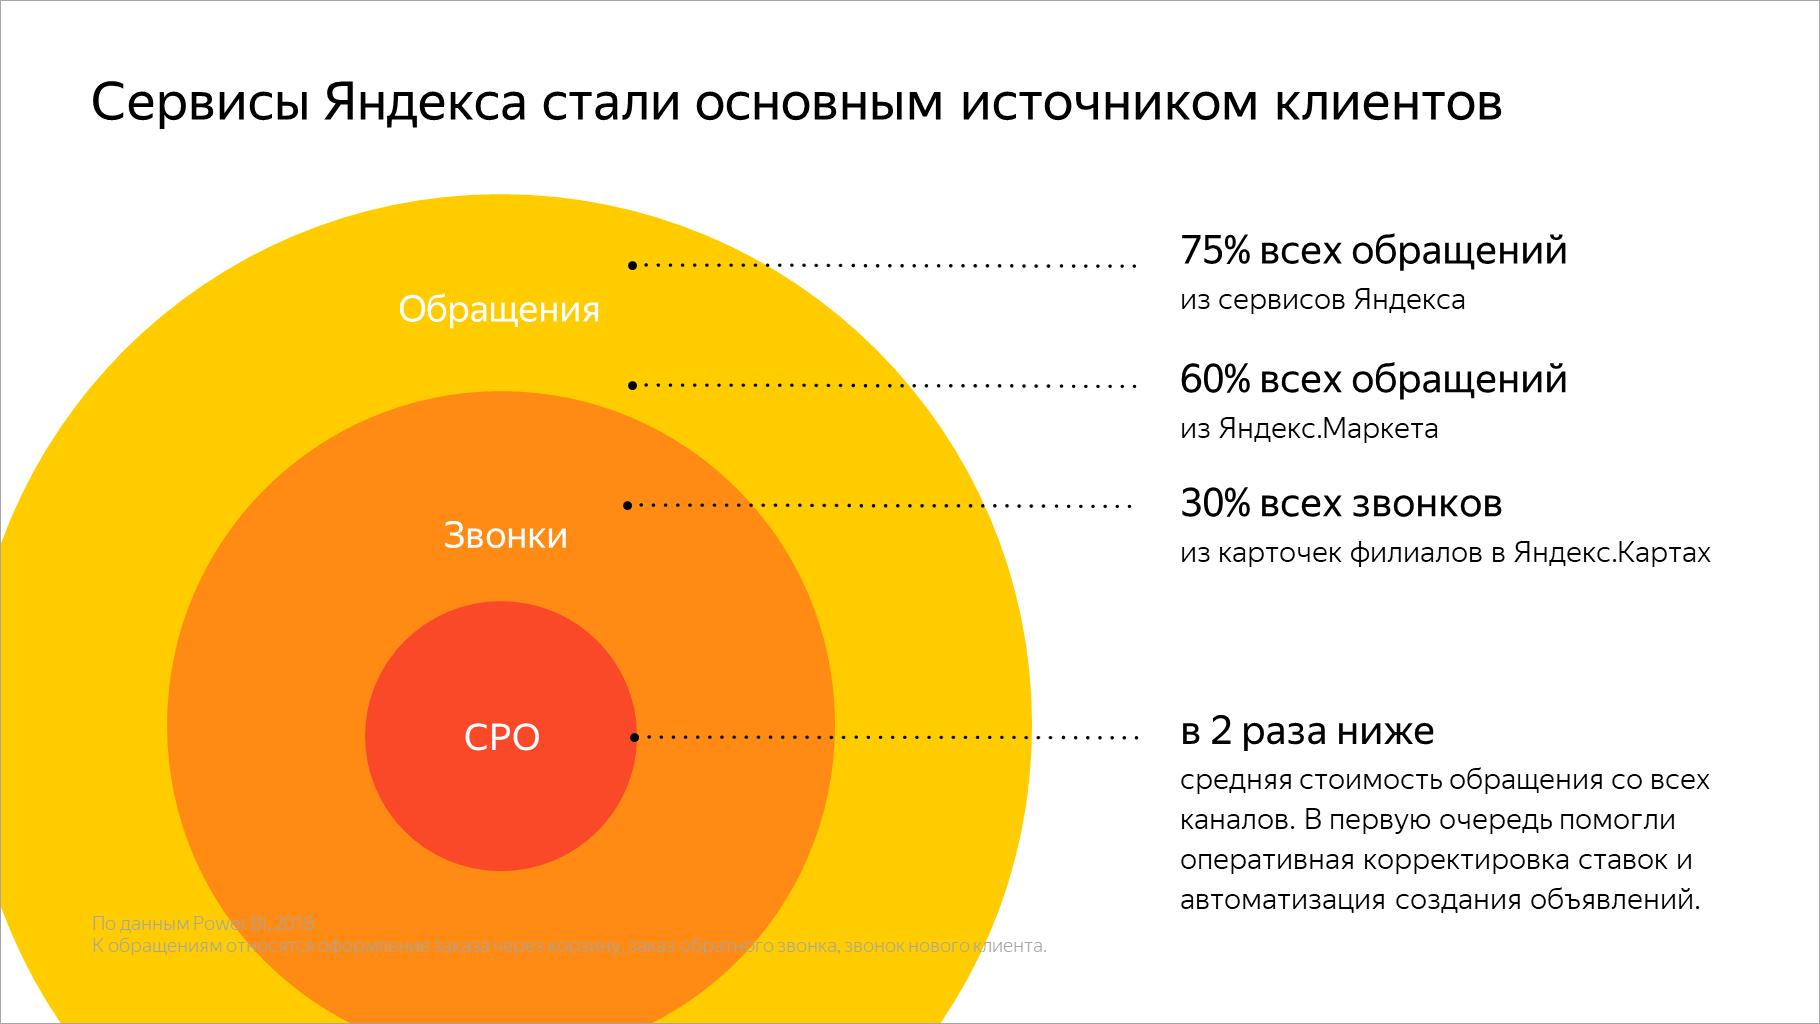 Сервисы Яндекса стали основным источником клиентов